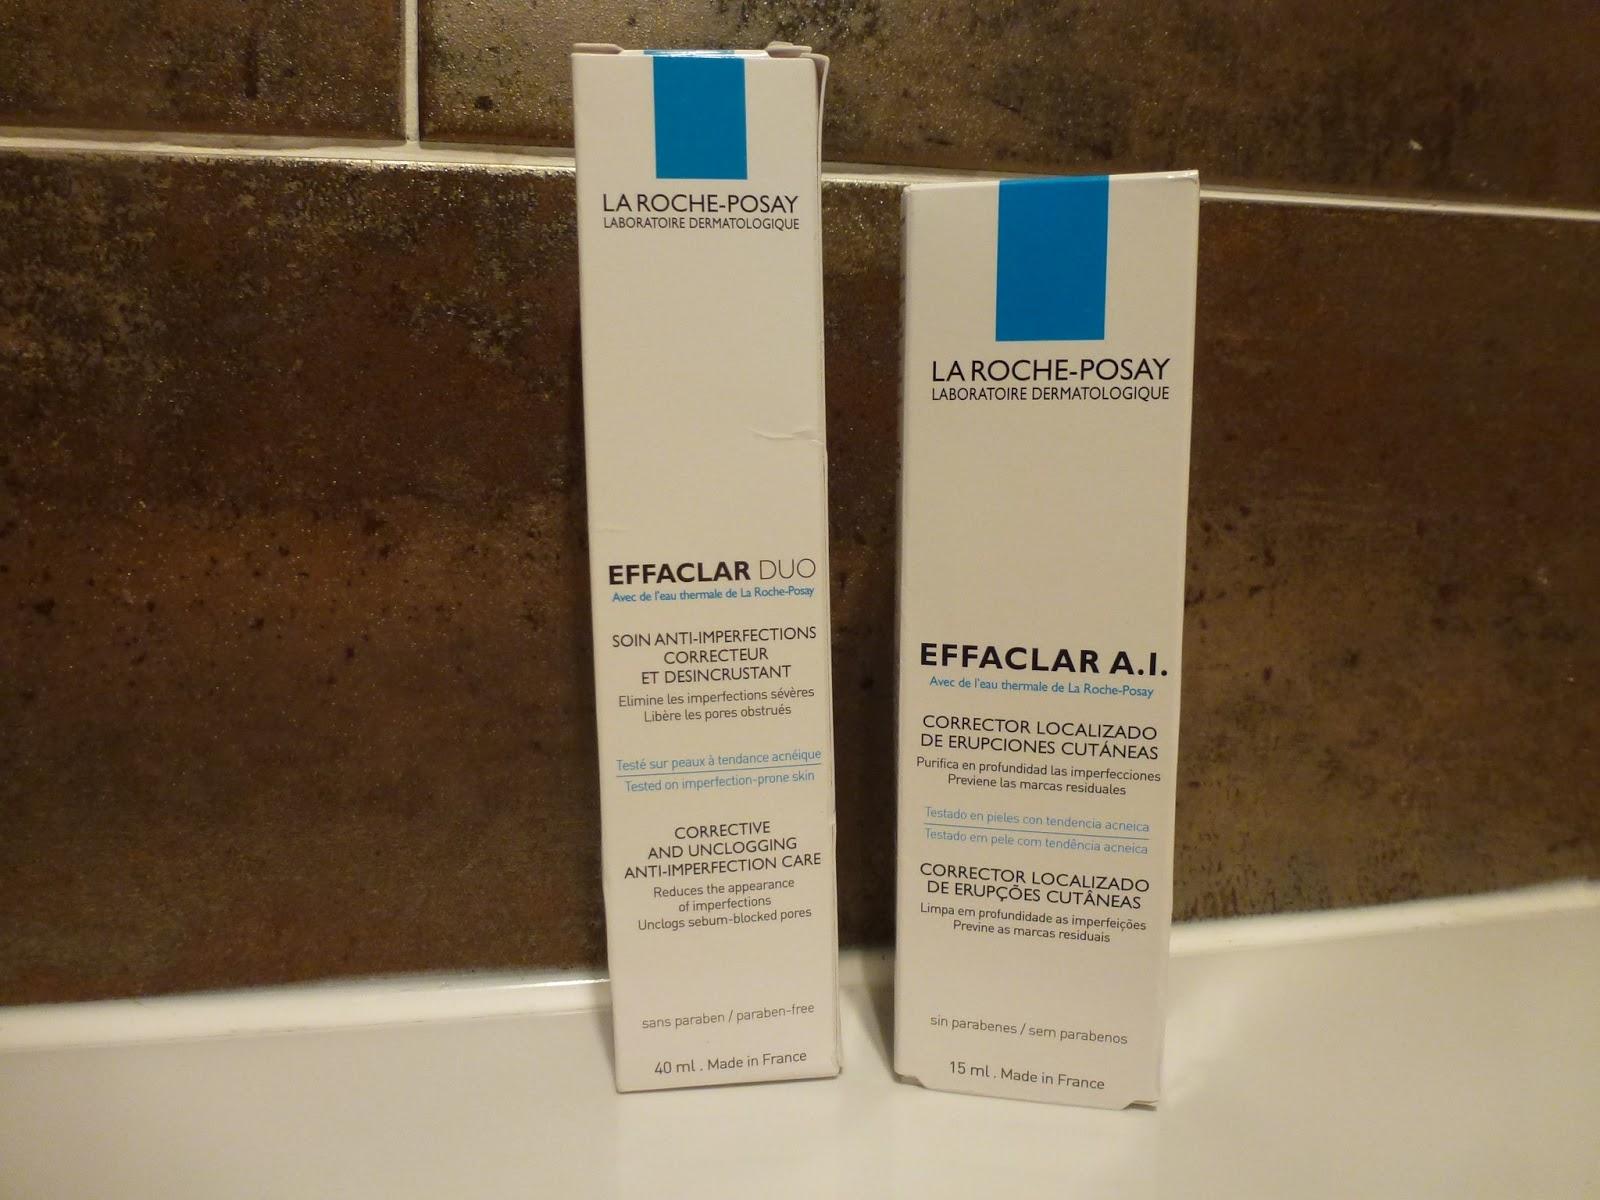 la-roche-posay-skincare